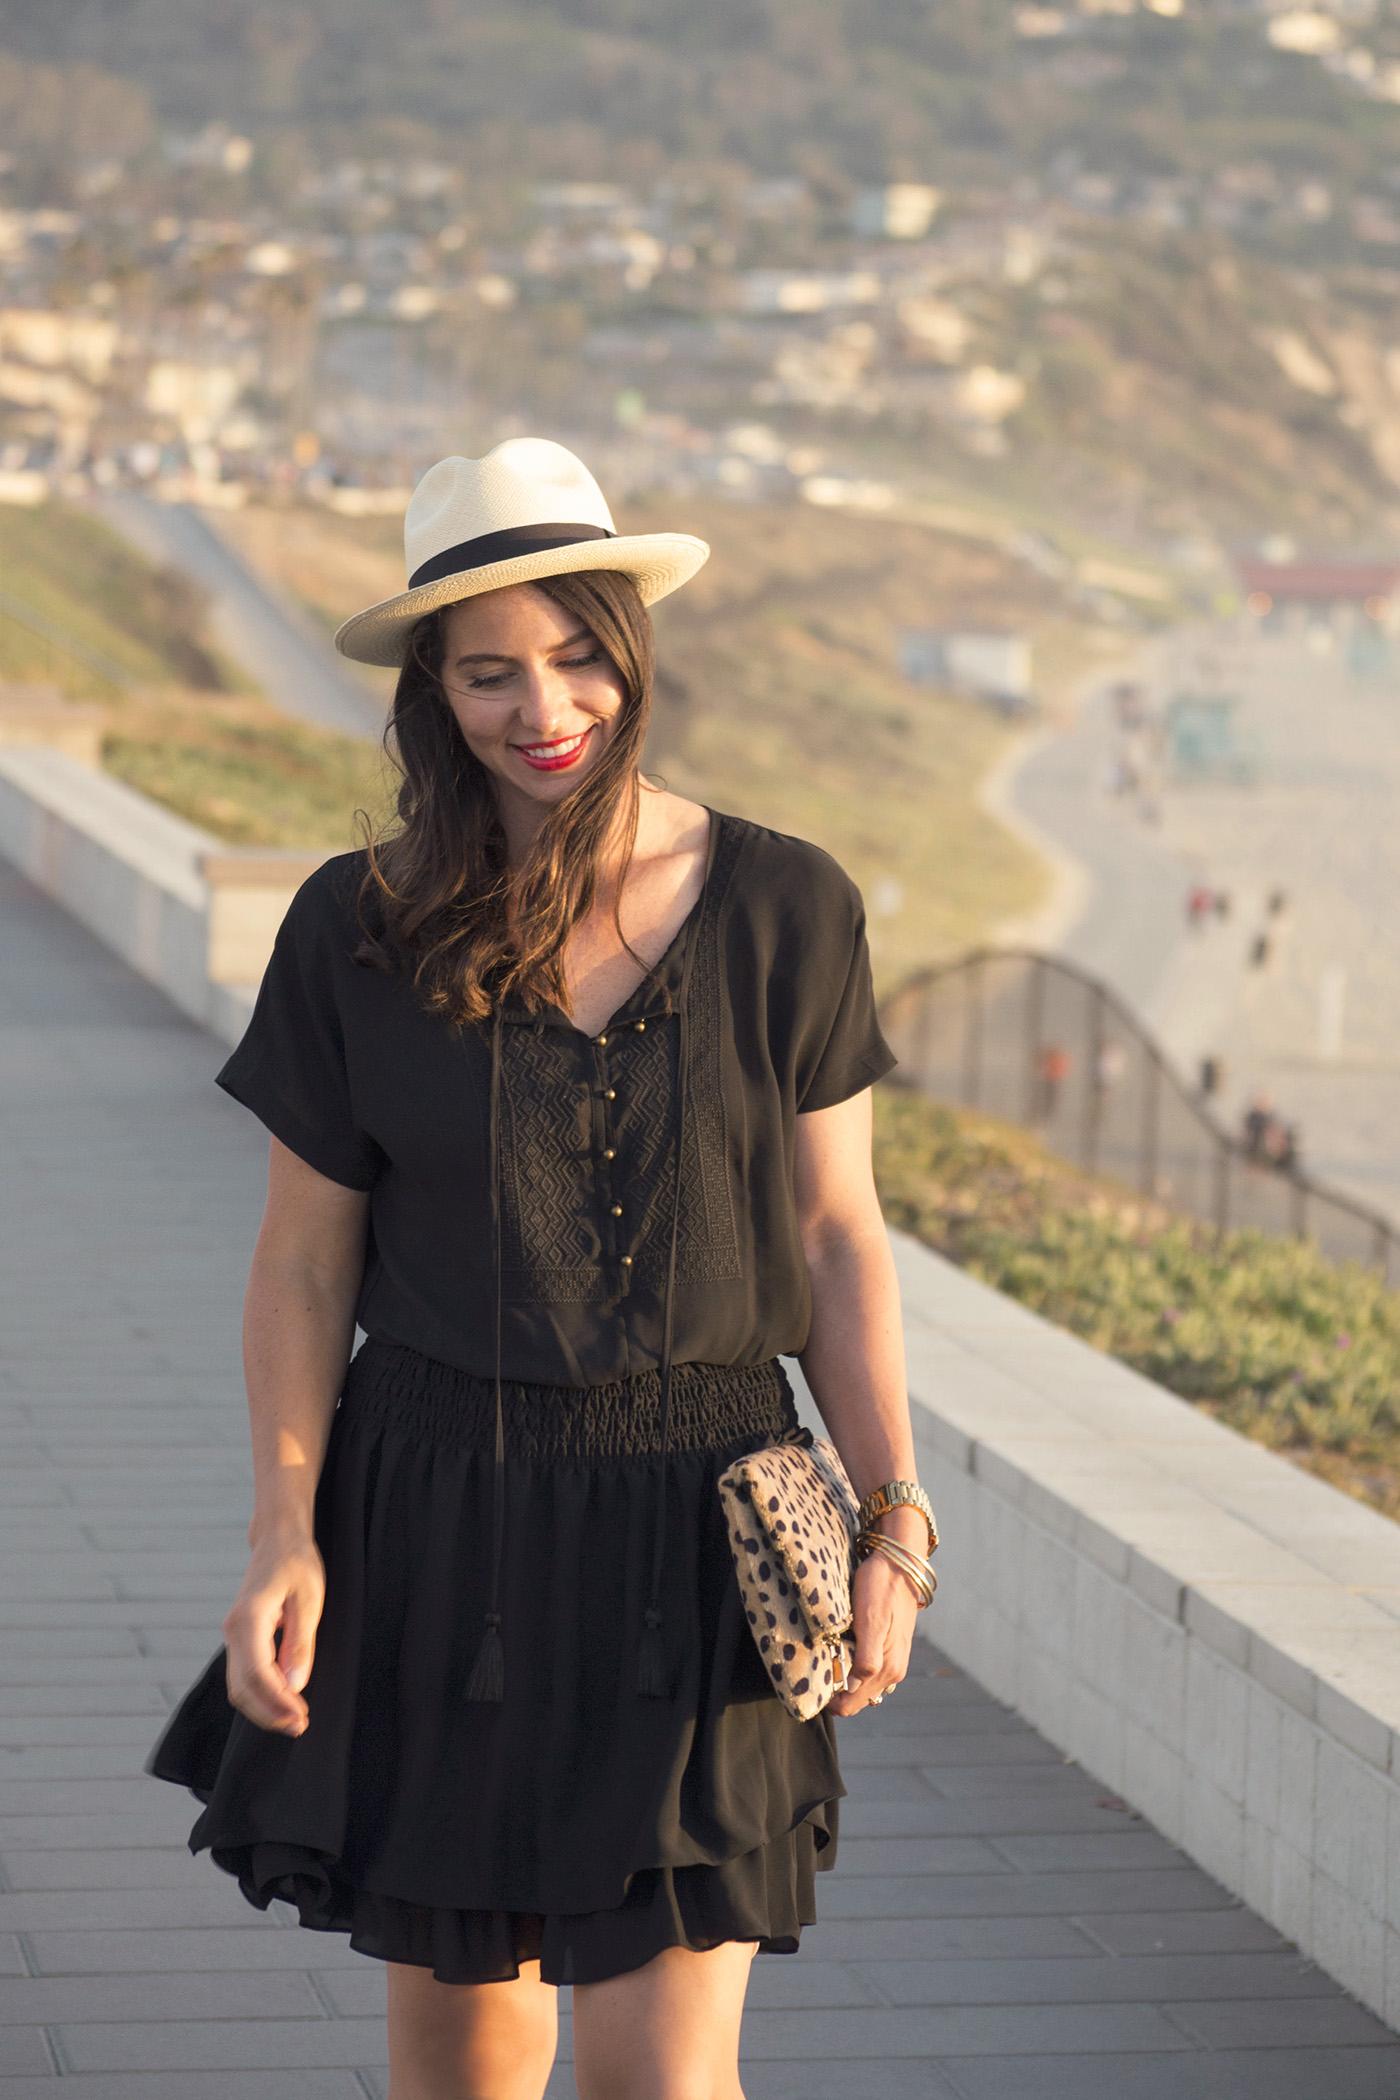 Black Dress Beach 4.jpg